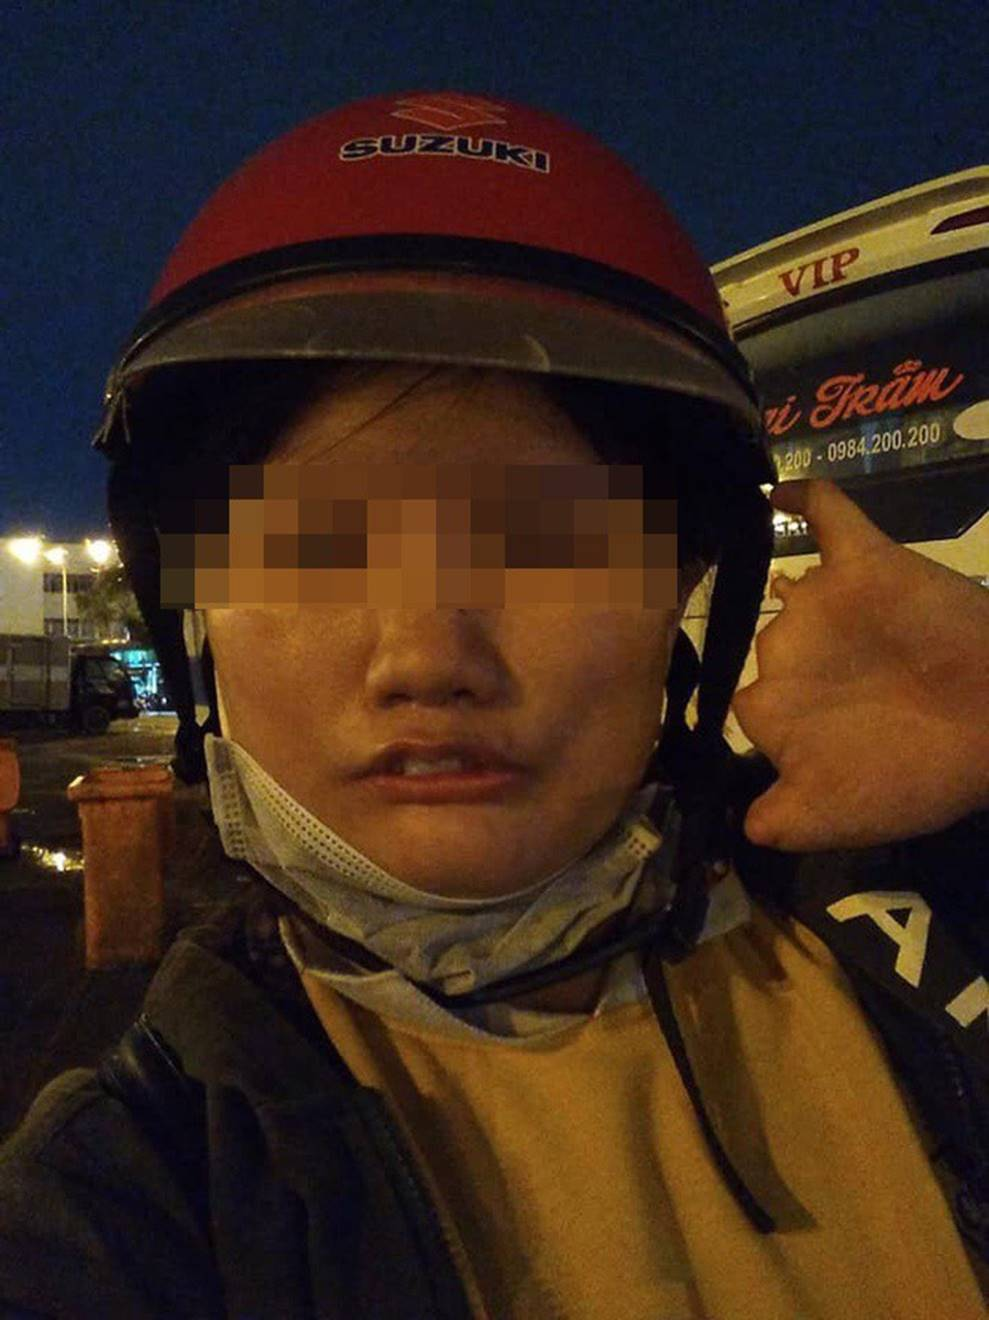 Chạy xe 1 tiếng đi ship, tới nơi bị khách bom hàng, cô gái khuyết tật livestream khóc nức nở-3